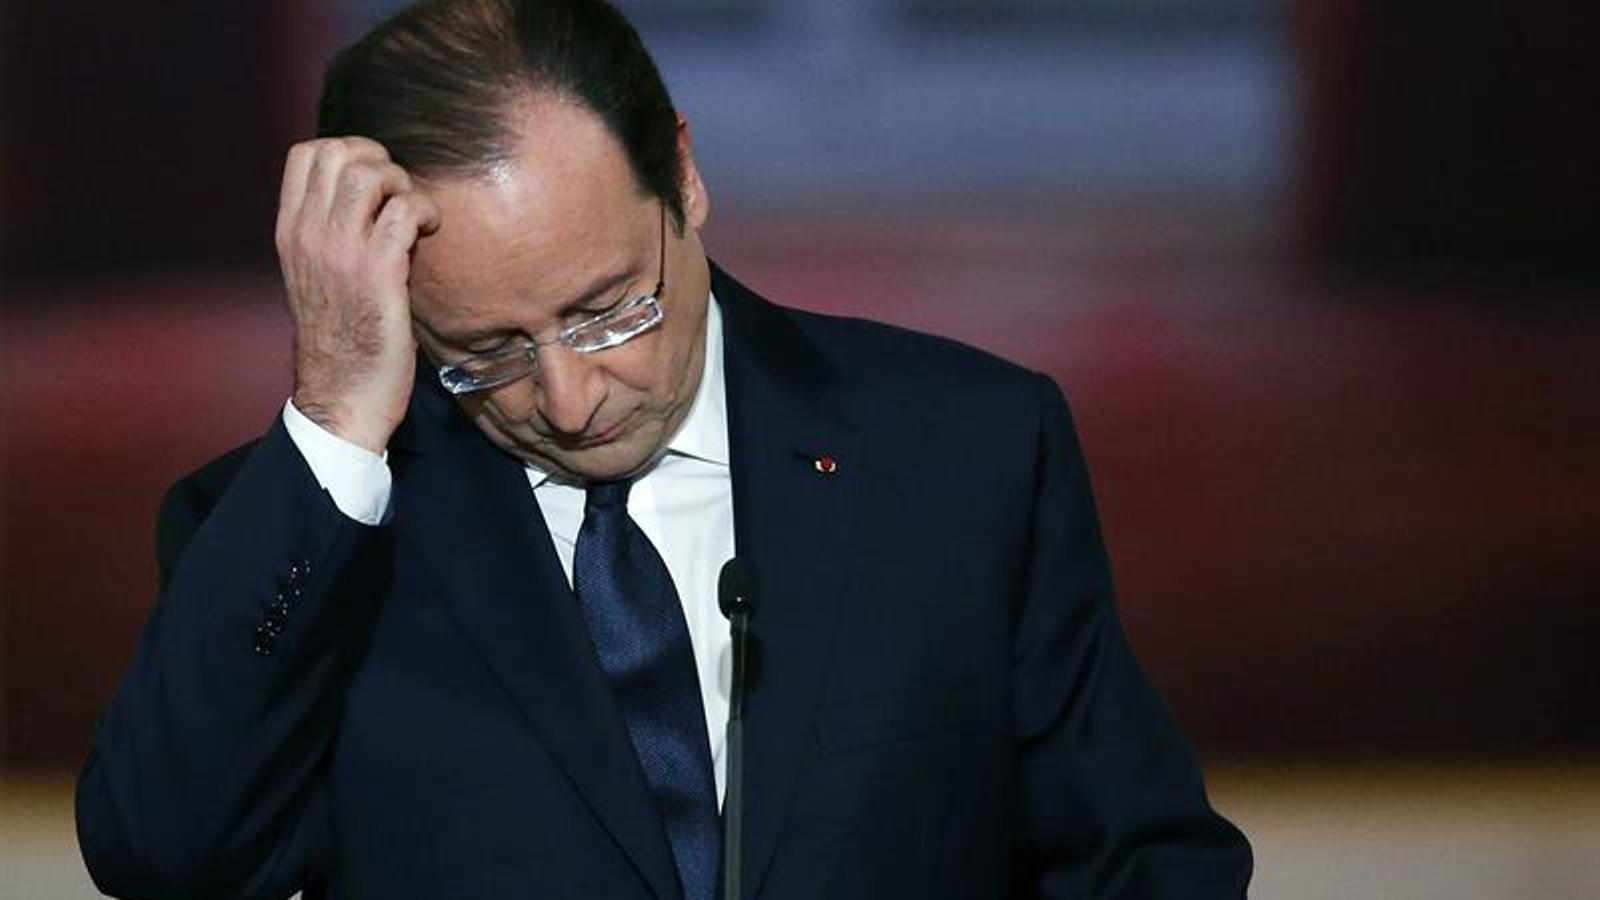 Hollande: Són moments dolorosos. Els afers privats es tracten en privat